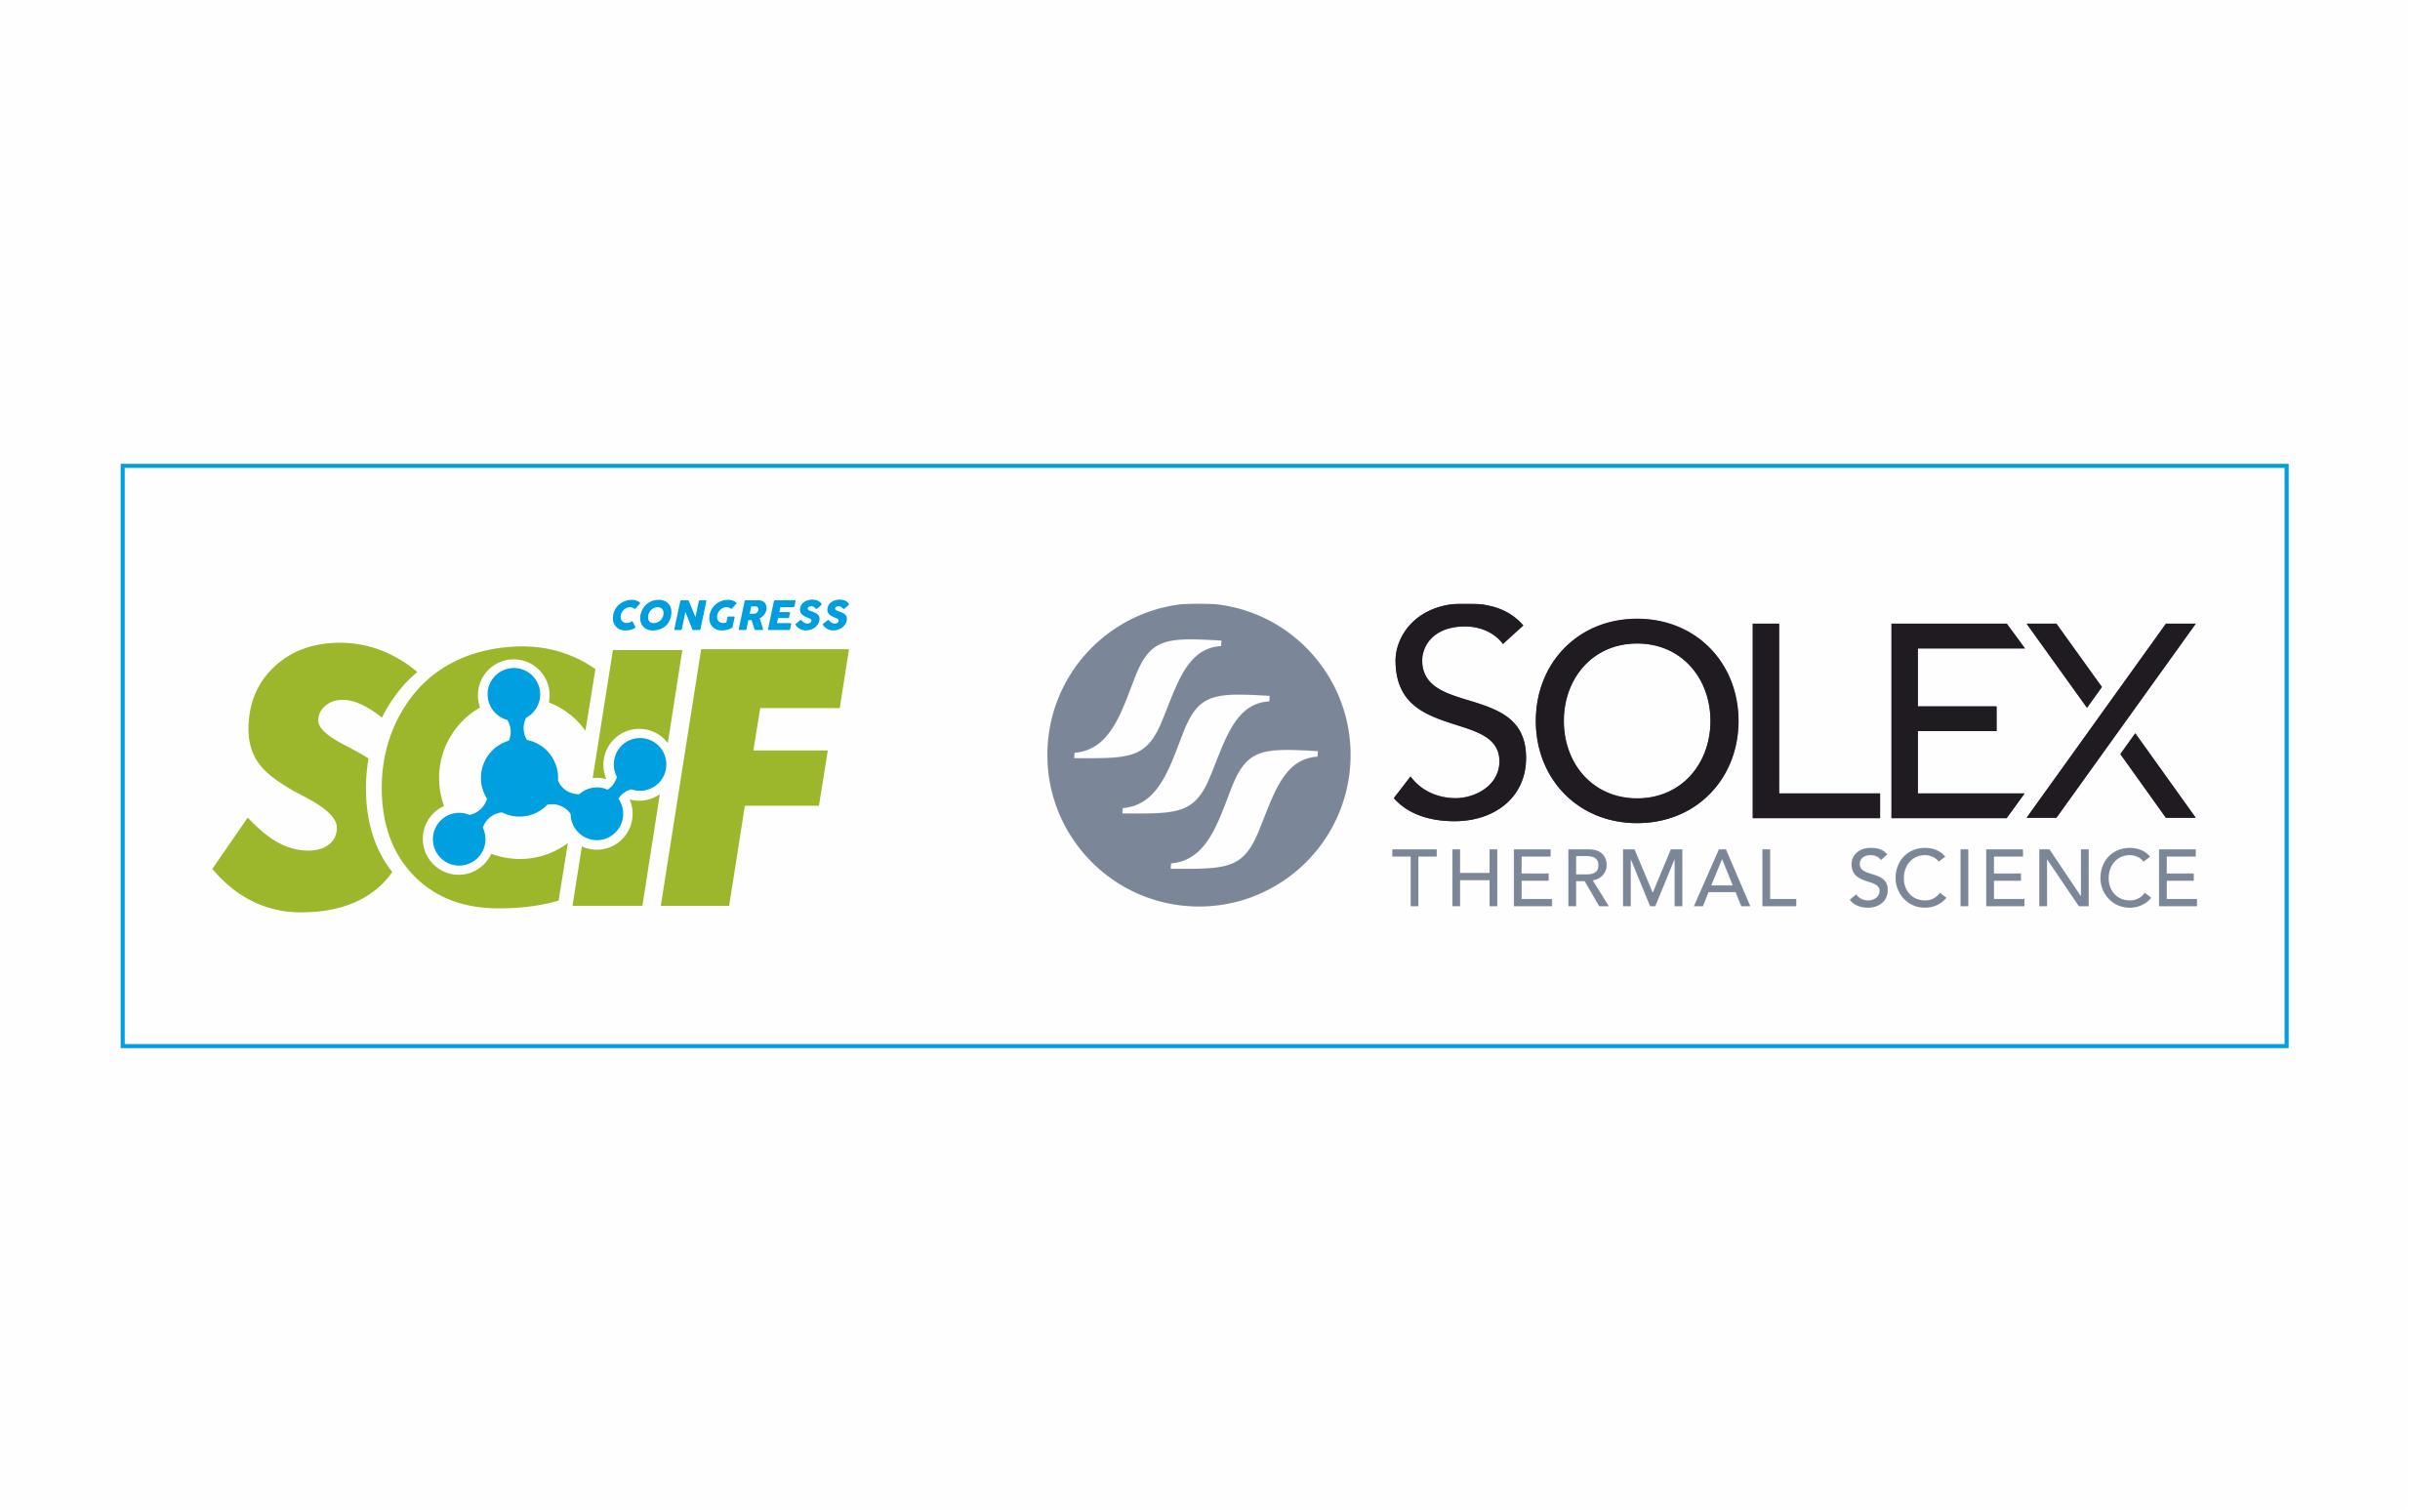 Подписано стратегическое партнерское соглашение между компанией SCIF Congress и SOLEX Thermal Science Inc.